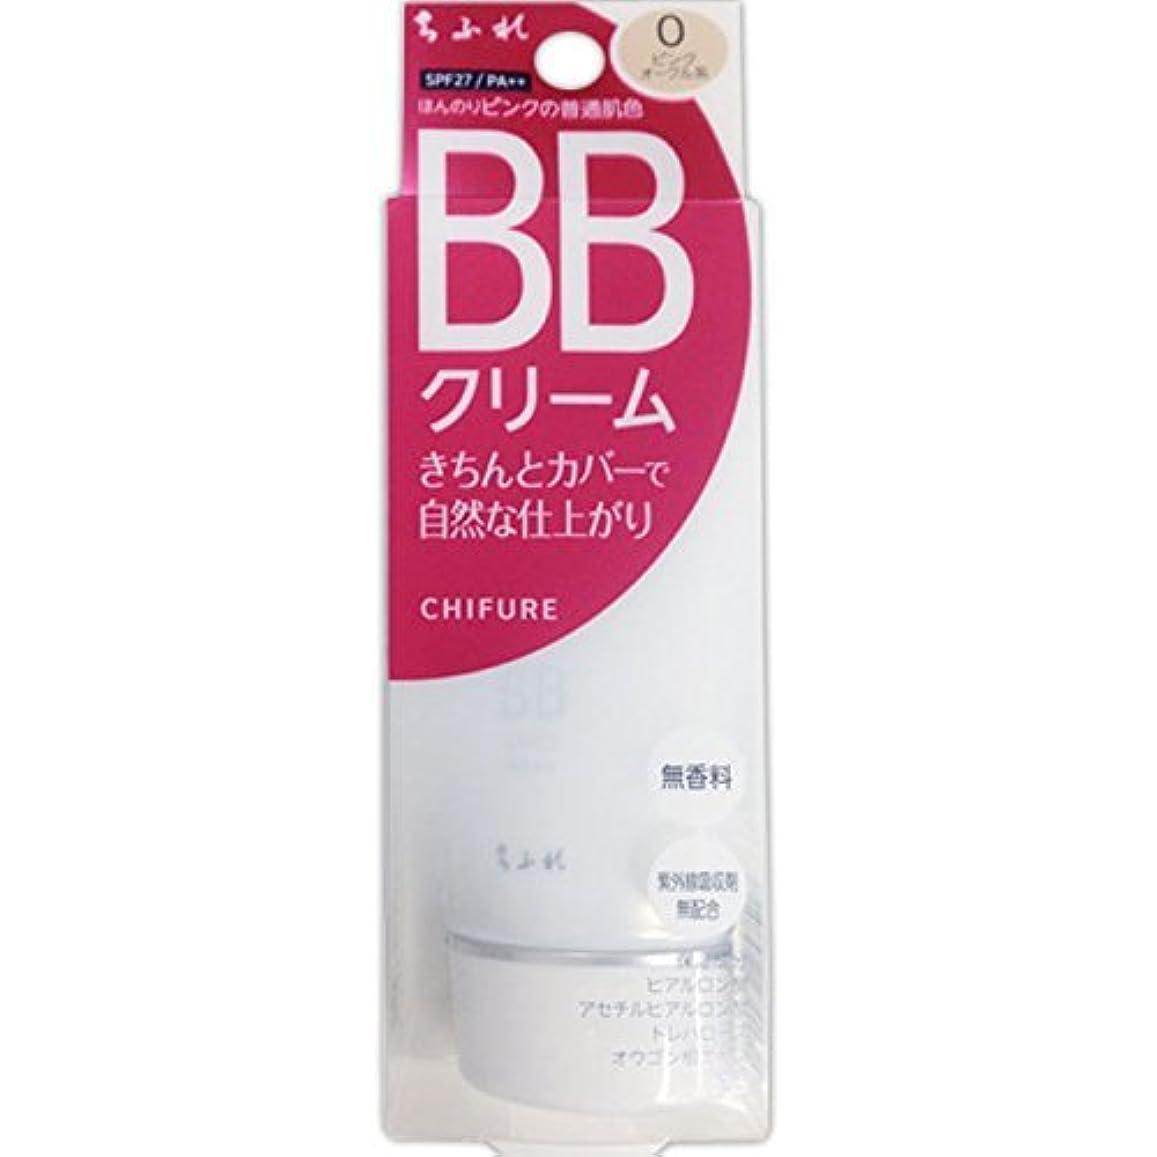 性差別ラベンダー純粋にちふれ化粧品 BB クリーム ほんのりピンクの普通肌色 0